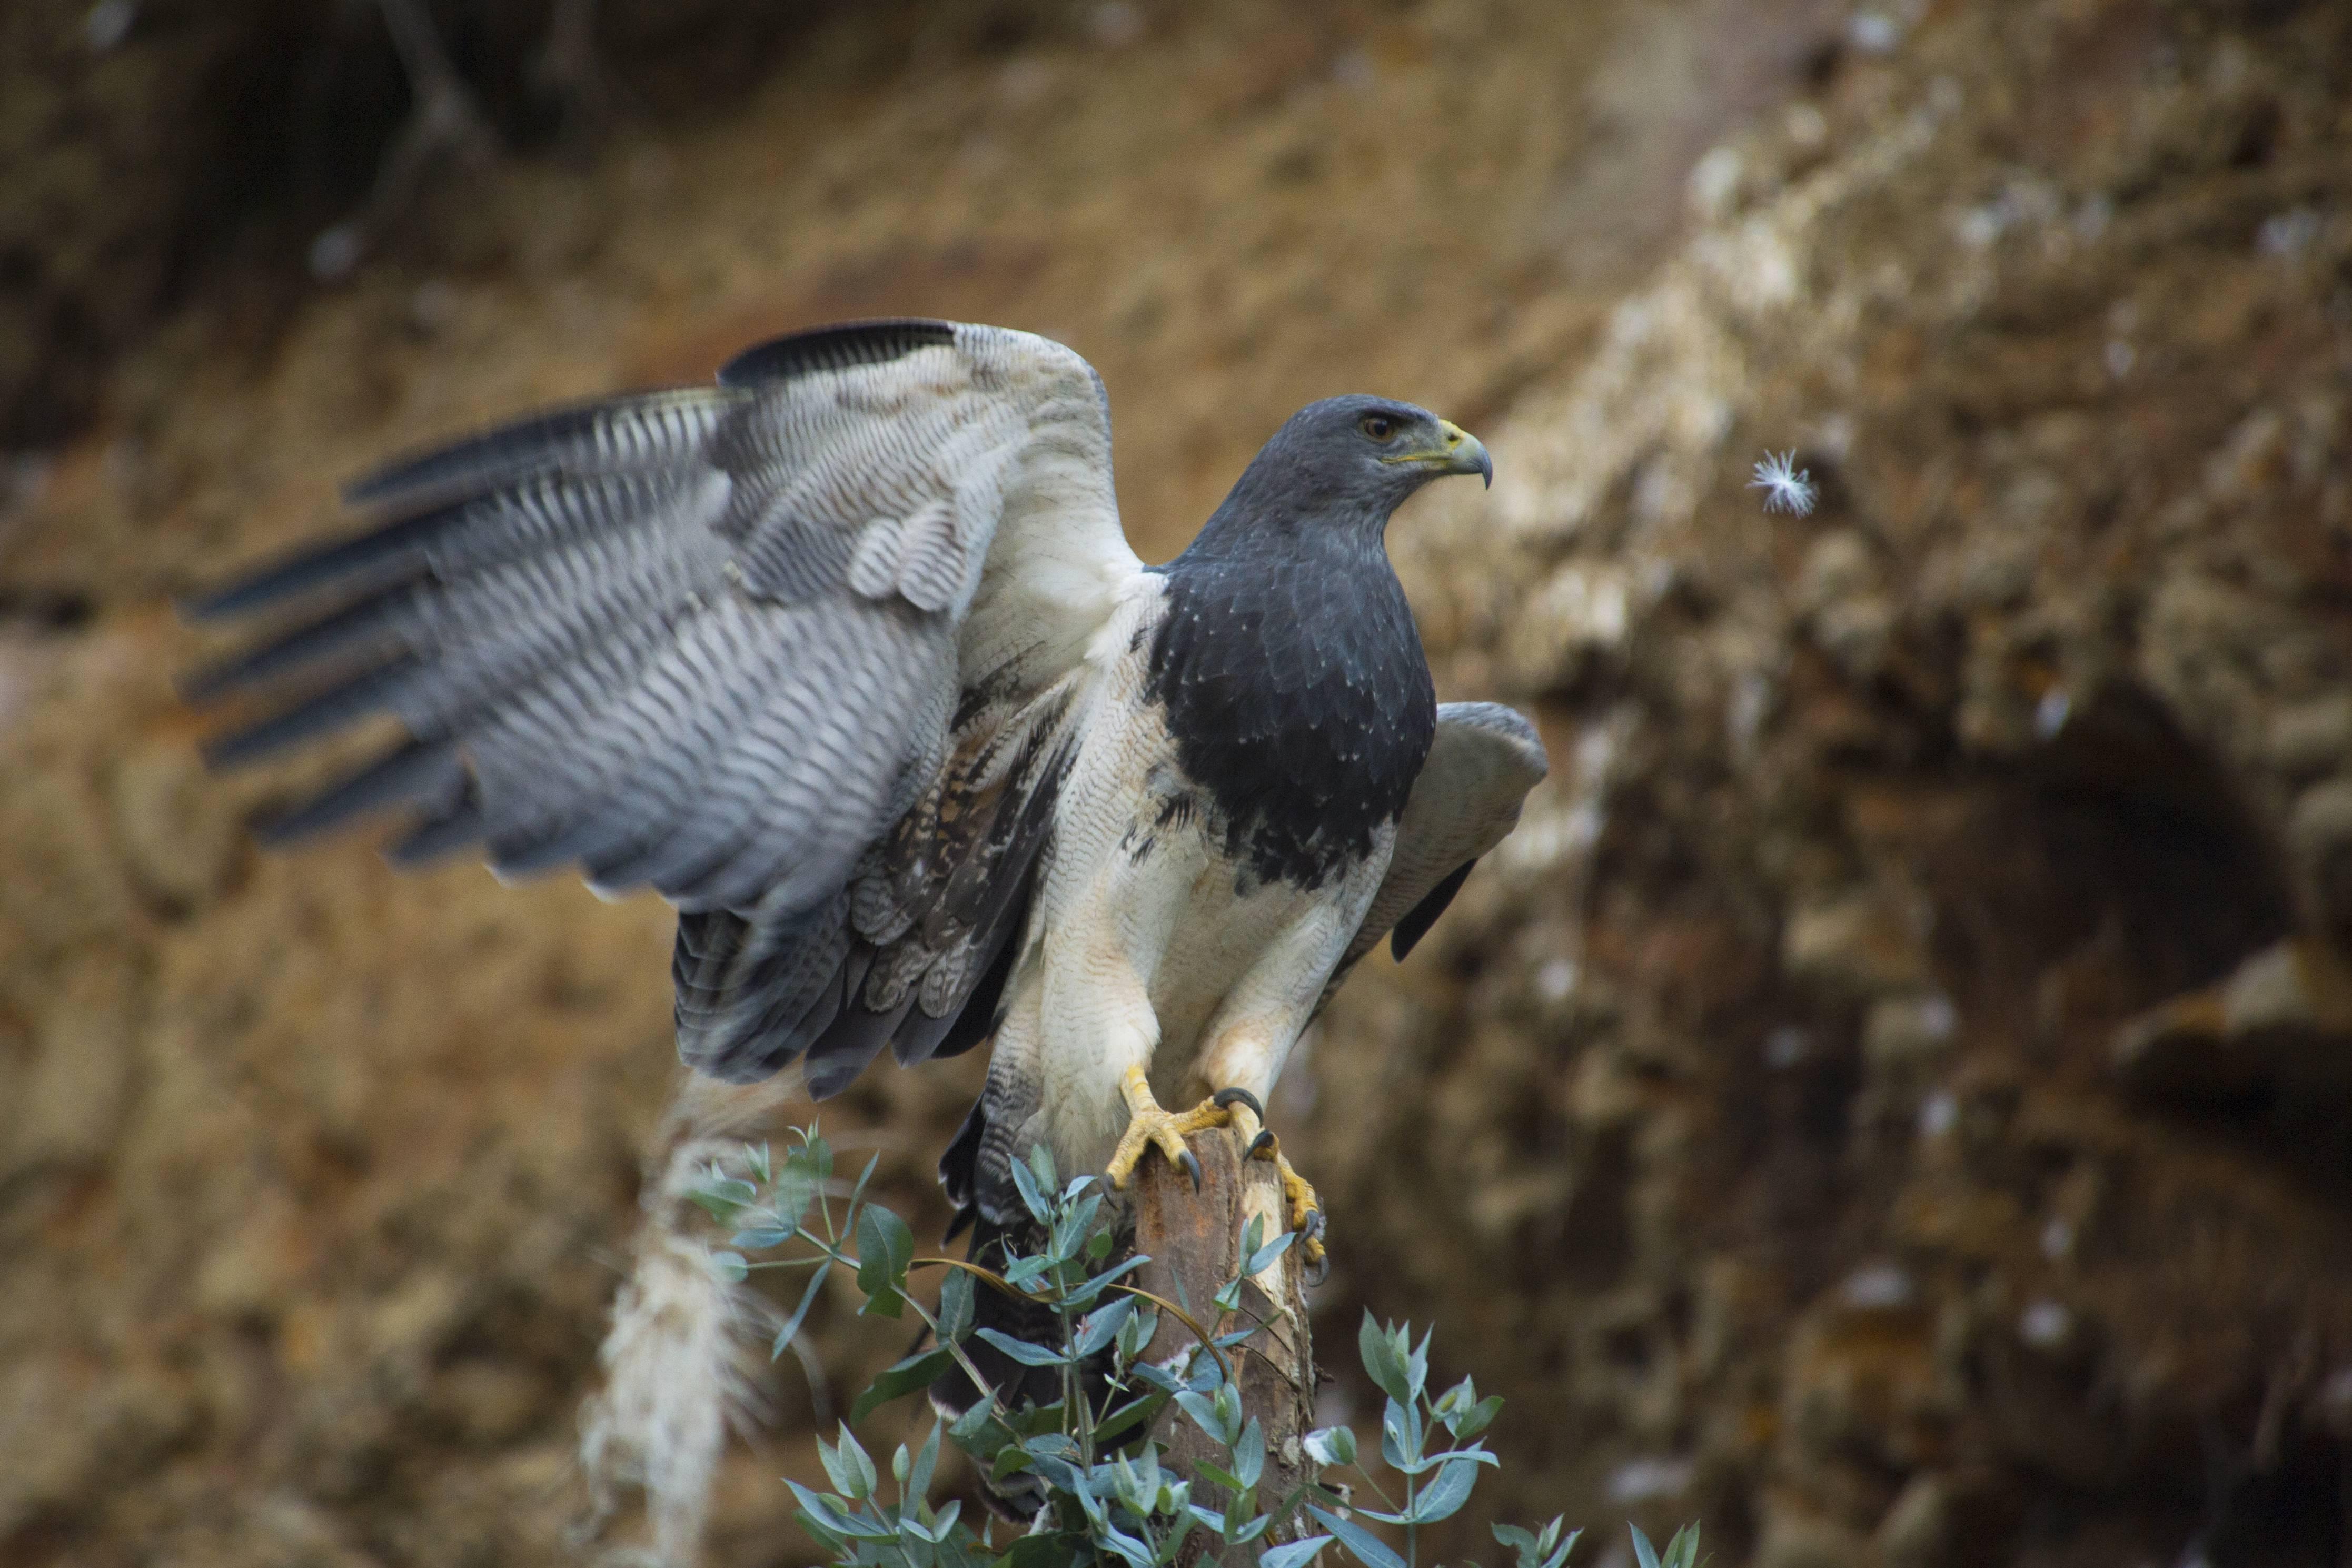 Una de las grandes predadoras del CCSP, el águila pechinegra (Geranoaetus melanoleucus).